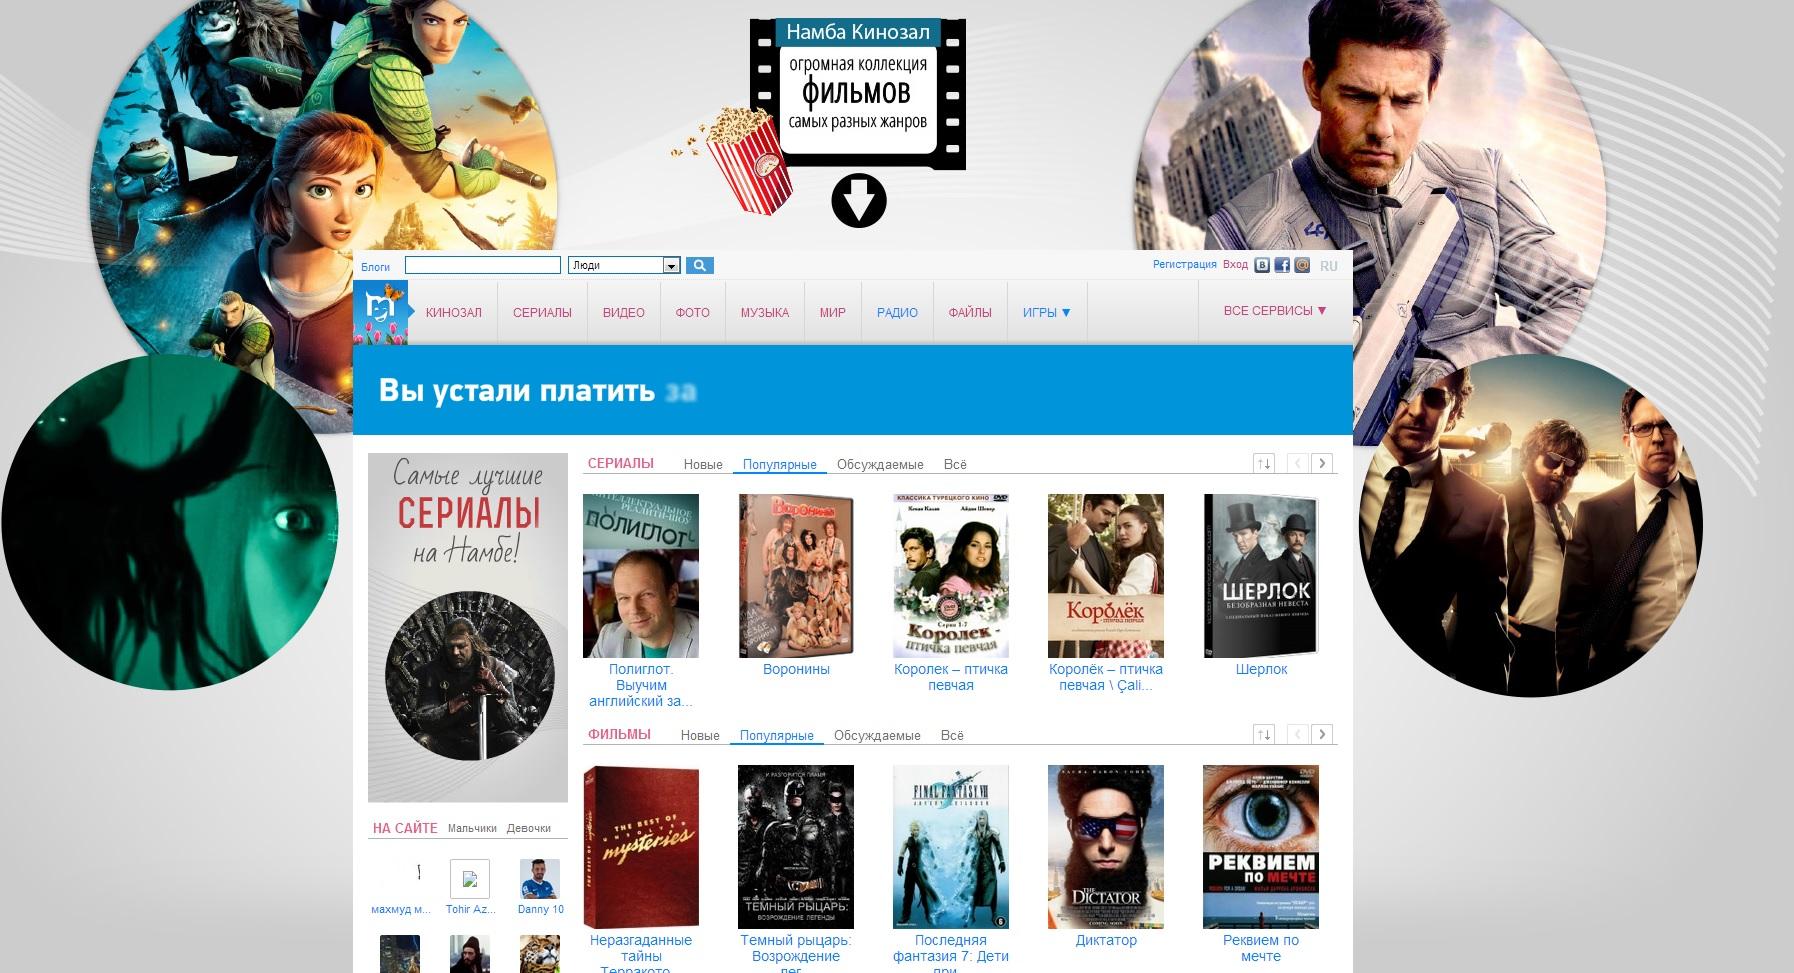 Смотреть фильмы онлайн 1kinokz